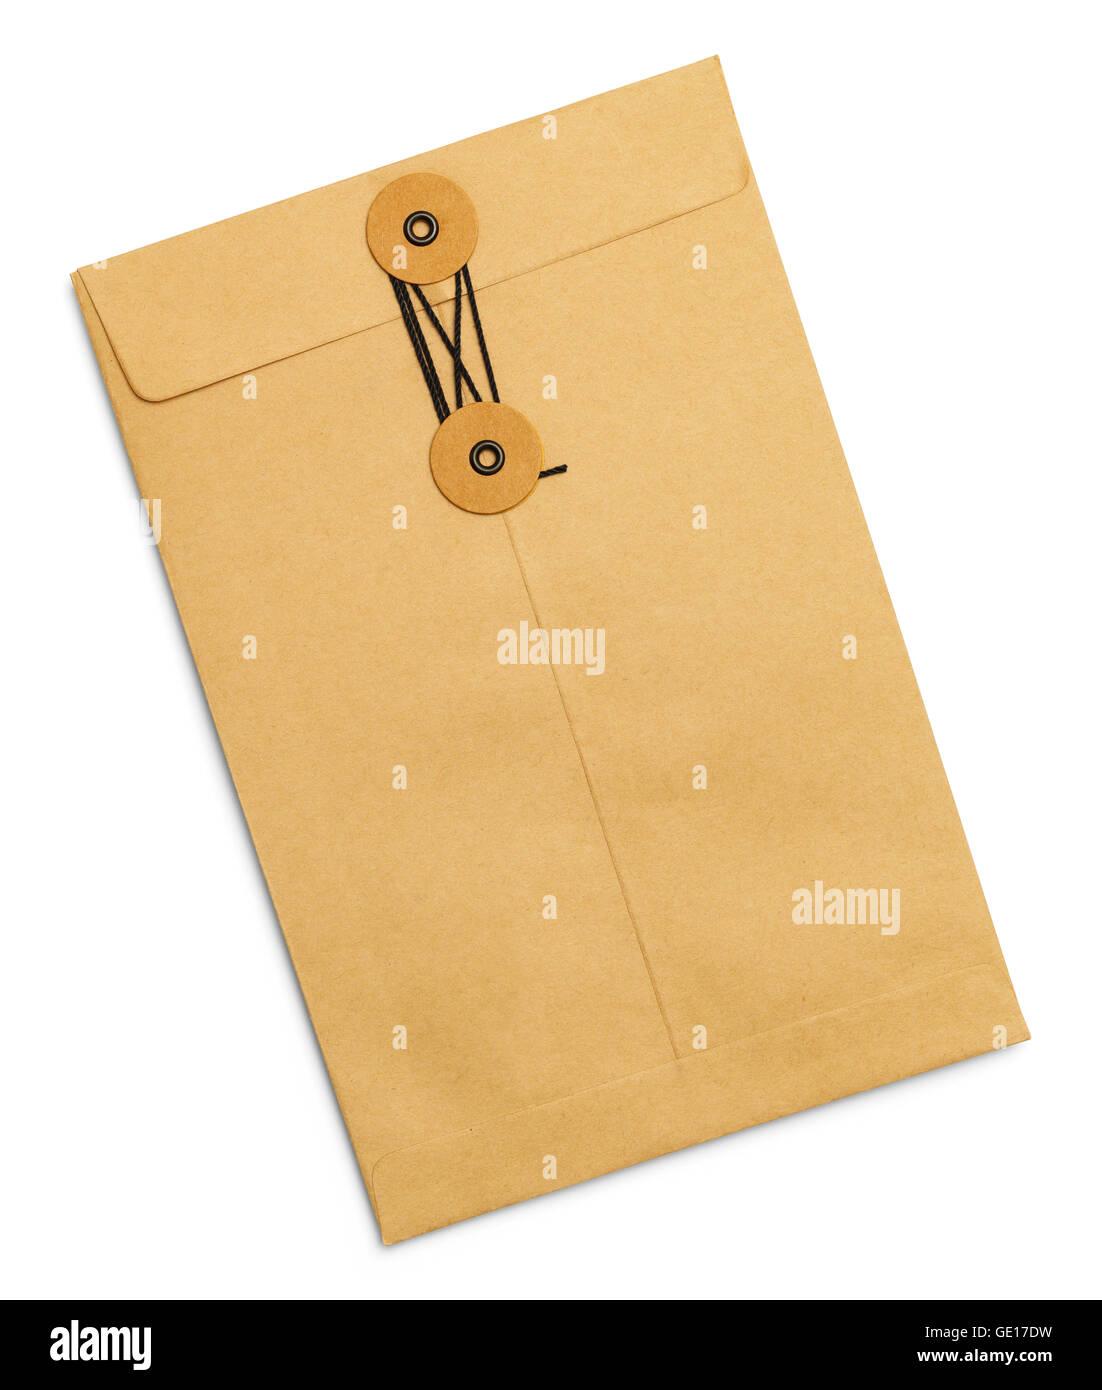 Scellés liés Brown Lettre Enveloppe isolé sur fond blanc. Photo Stock